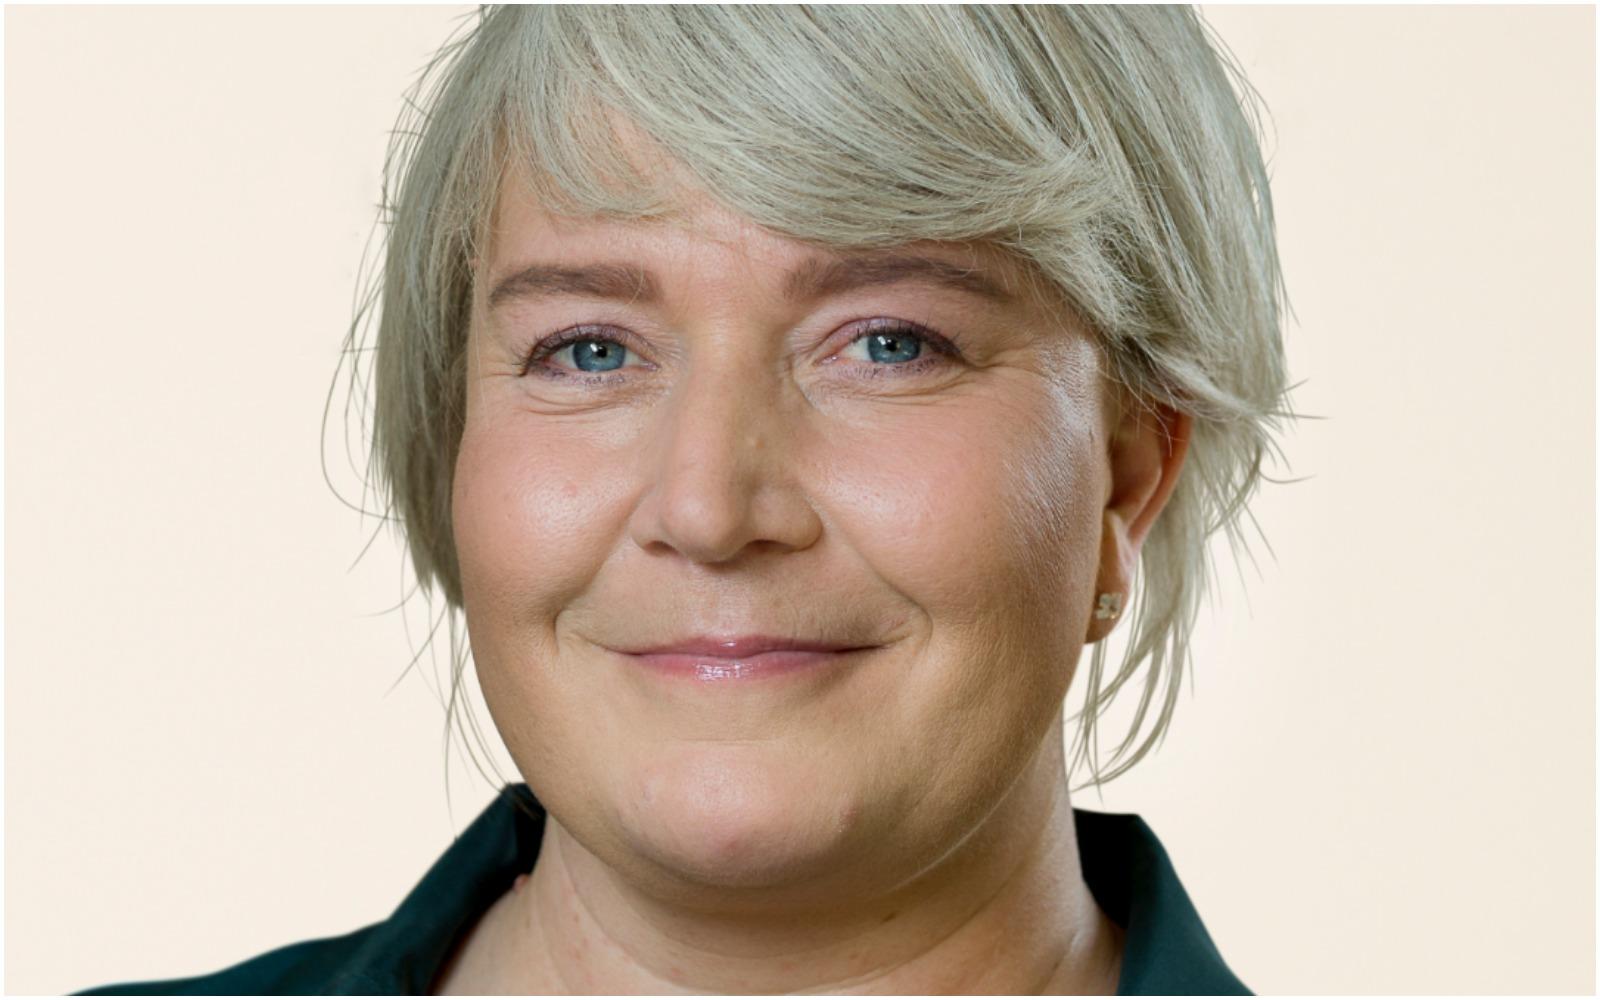 Christina Egelund (LA): Drop snobberiet overfor udenlandsk arbejdskraft – vi har brug for deres hjælp, hvis vi skal holde væksten oppe